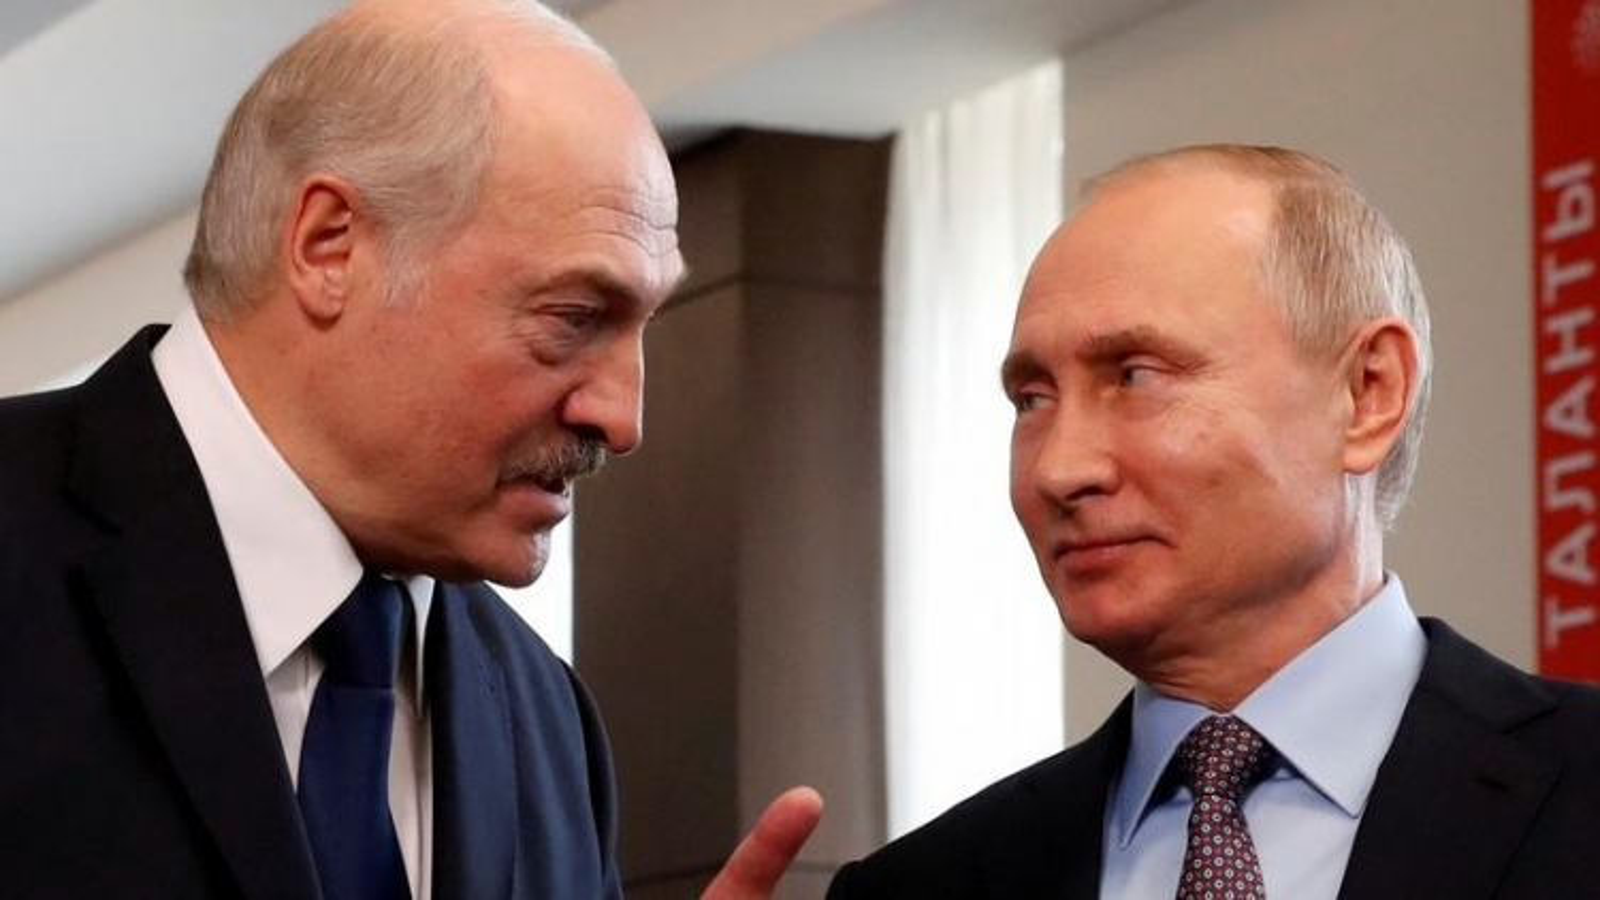 Nga tái khẳng định lập trường ủng hộ sáng kiến cải cách hiến pháp ở Belarus